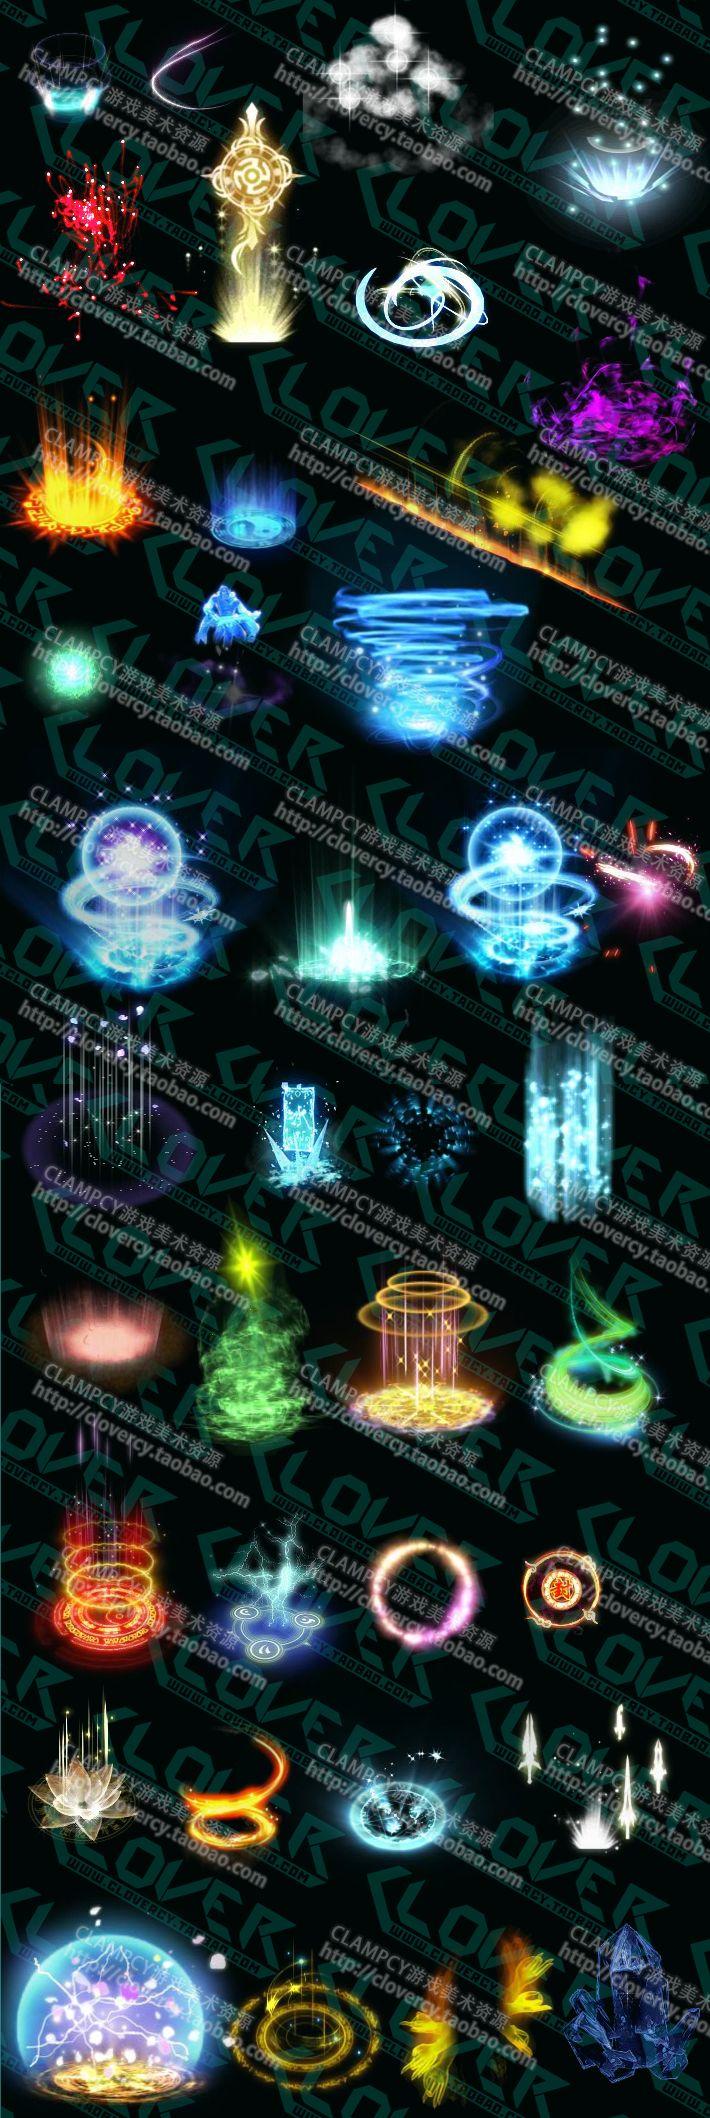 Animações em HD [Resource] 031e8b3e05829c5835e7d12efb14168a-buff-effect-game-art